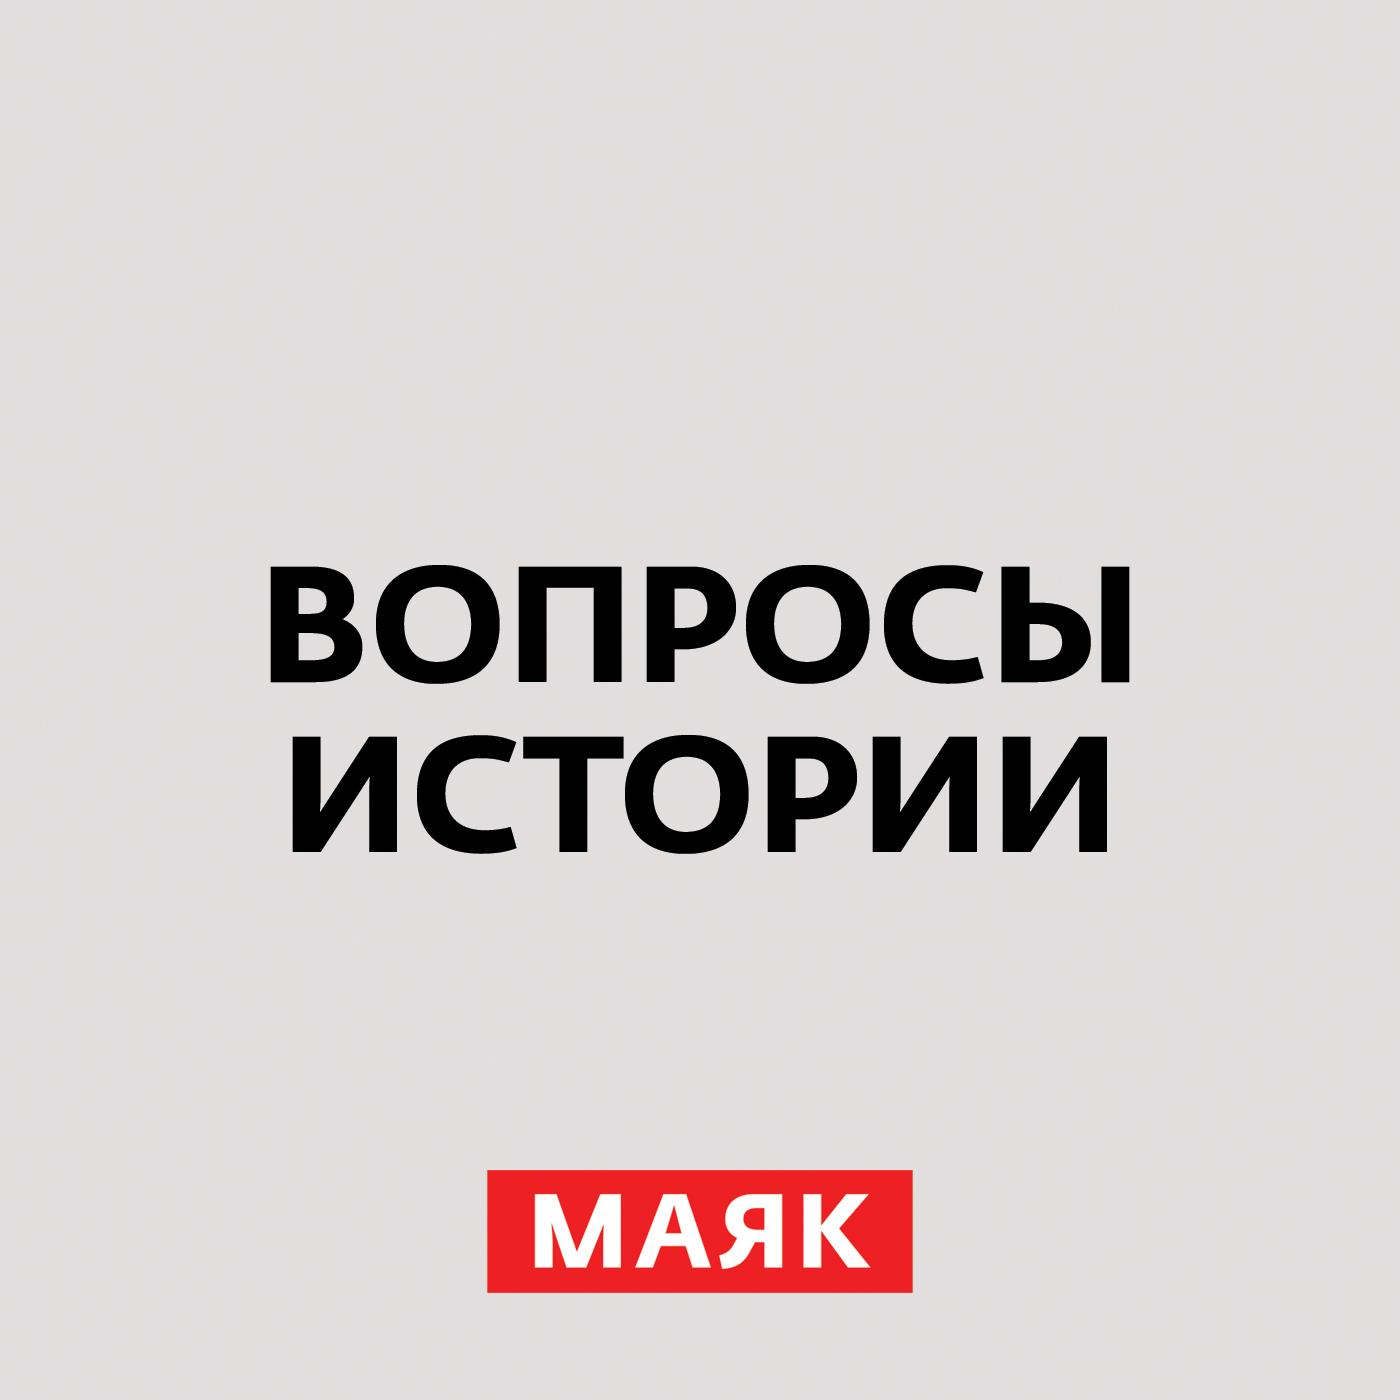 Андрей Светенко У России всегда были одни цены – и в Первую мировую, и во Вторую андрей светенко при анализе начала второй мировой всплывает много интересного часть 1